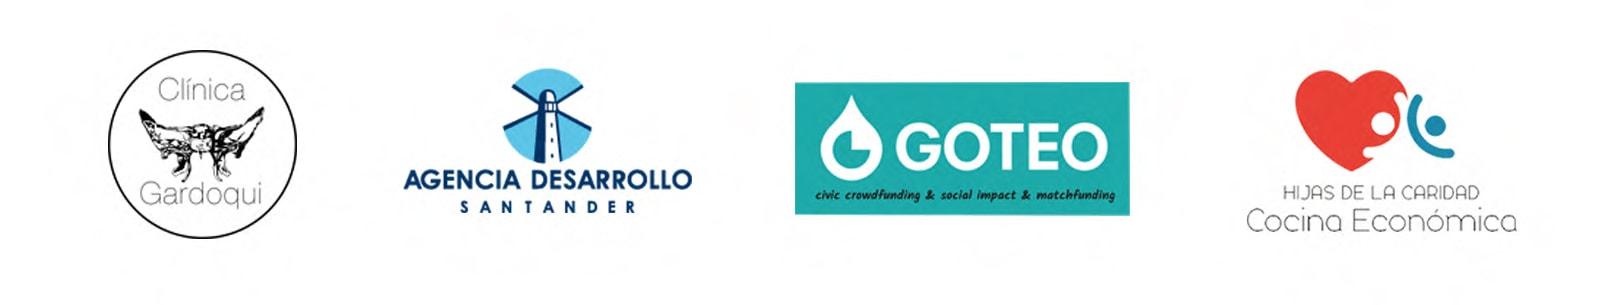 logotipo entidades colaboradoras Unidad Solidaria Clínica Gardoqui